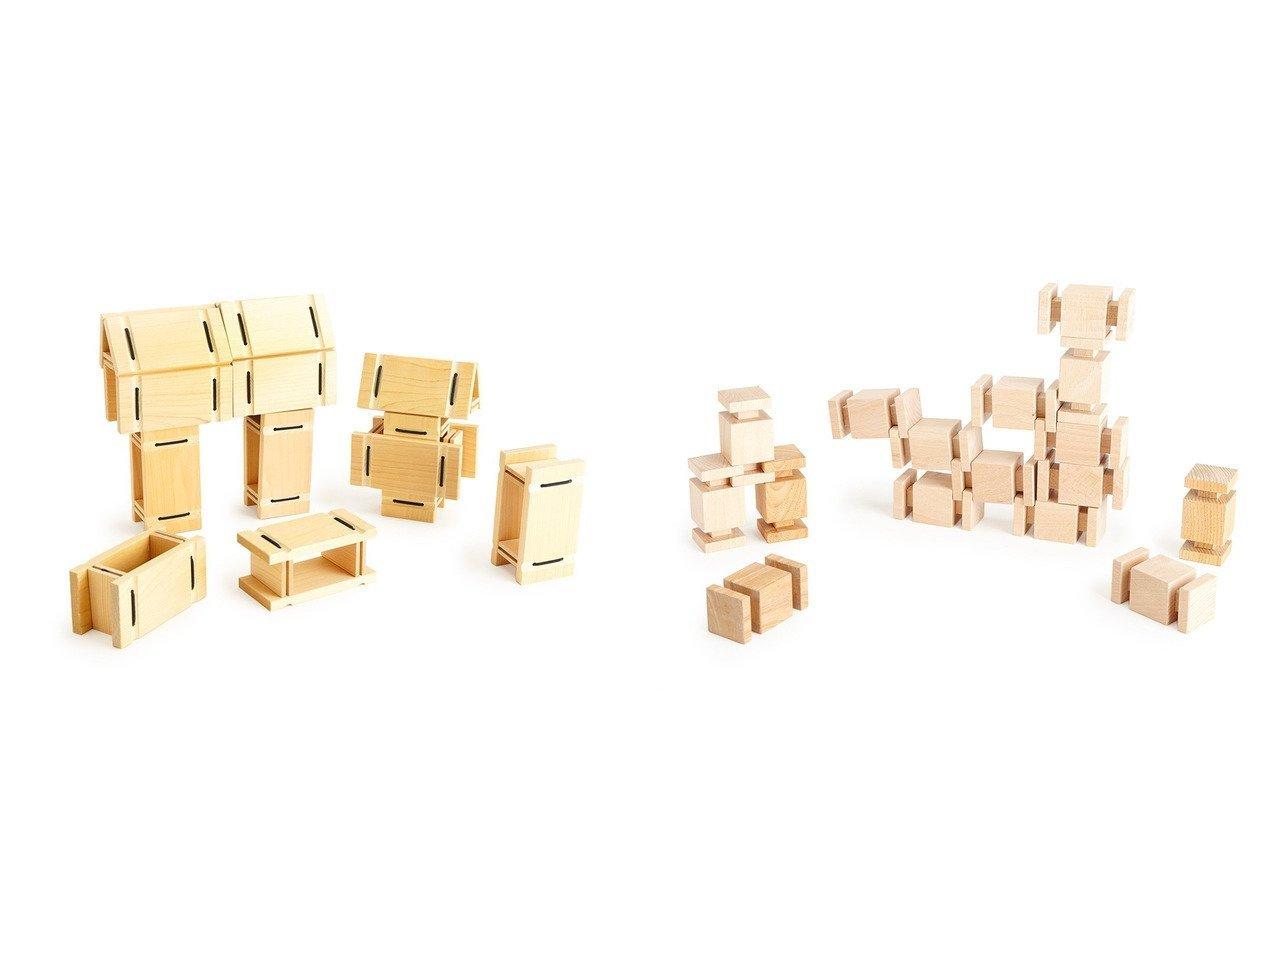 【Kimura Woodcraft Factory/木村木品製作所】のわらはんど ゆらゆら積み木 わらはんど ゆらゆら積み木&わらはんど つむくむ わらはんど つむくむ 【日本製 キッズ FURNITURE】おすすめ!人気、インテリア雑貨・家具の通販 おすすめで人気の流行・トレンド、ファッションの通販商品 インテリア・家具・メンズファッション・キッズファッション・レディースファッション・服の通販 founy(ファニー) https://founy.com/ 送料無料 Free Shipping ホーム・キャンプ・アウトドア Home,Garden,Outdoor,Camping Gear 家具・インテリア Furniture キッズ家具 Kids' Furniture  ID:crp329100000055143